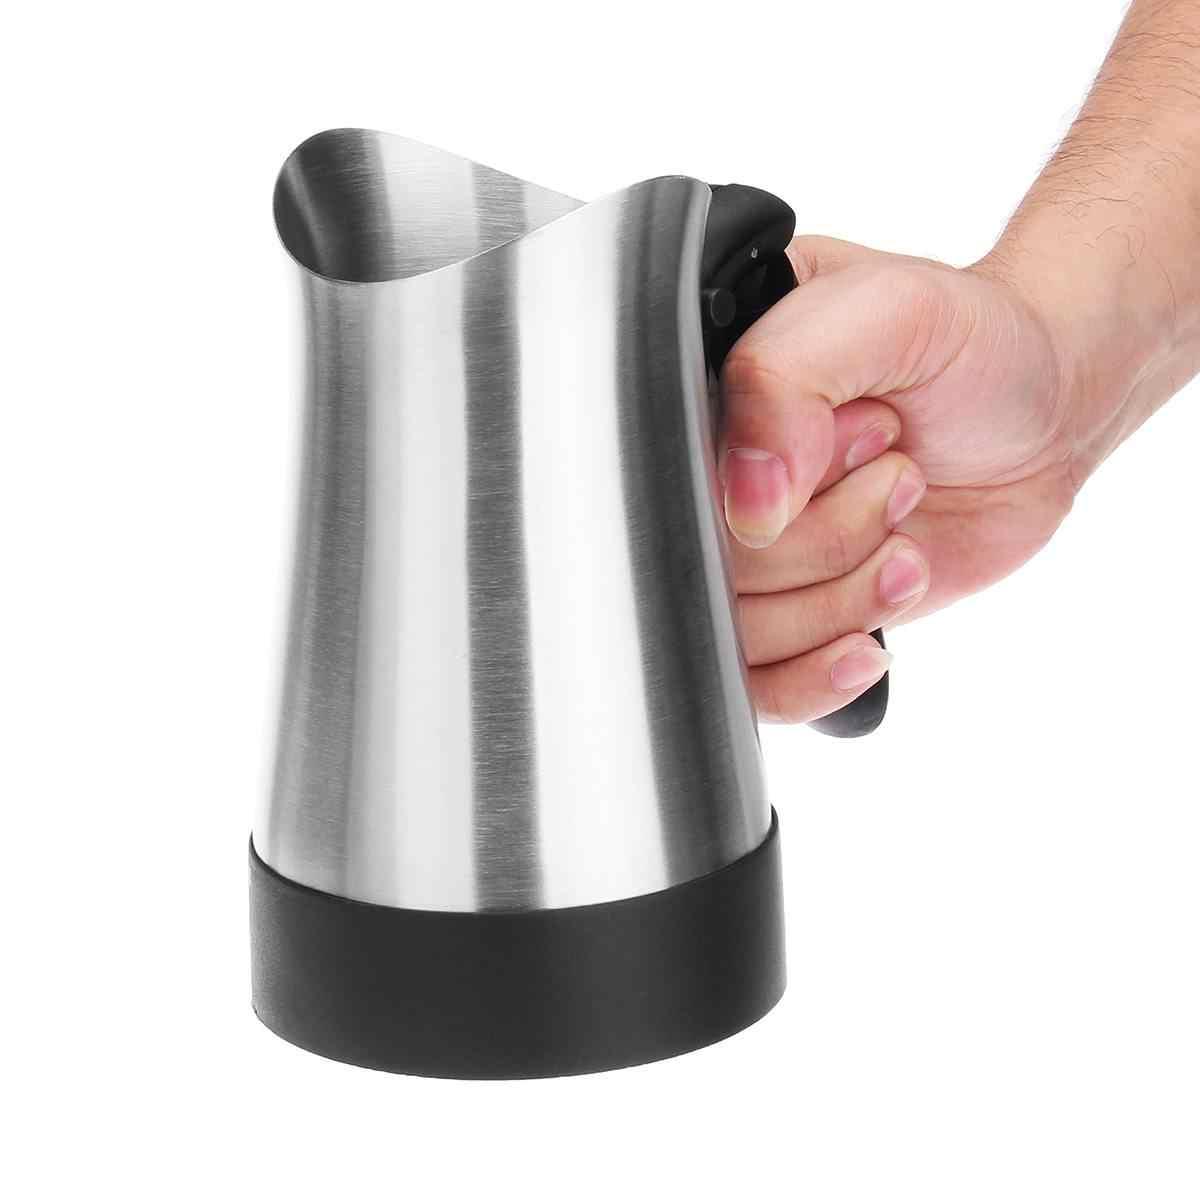 Электрическая Кофеварка Эспрессо Мока из нержавеющей стали, 270 мл, 800 Вт, портативная электрическая кофеварка с складной ручкой